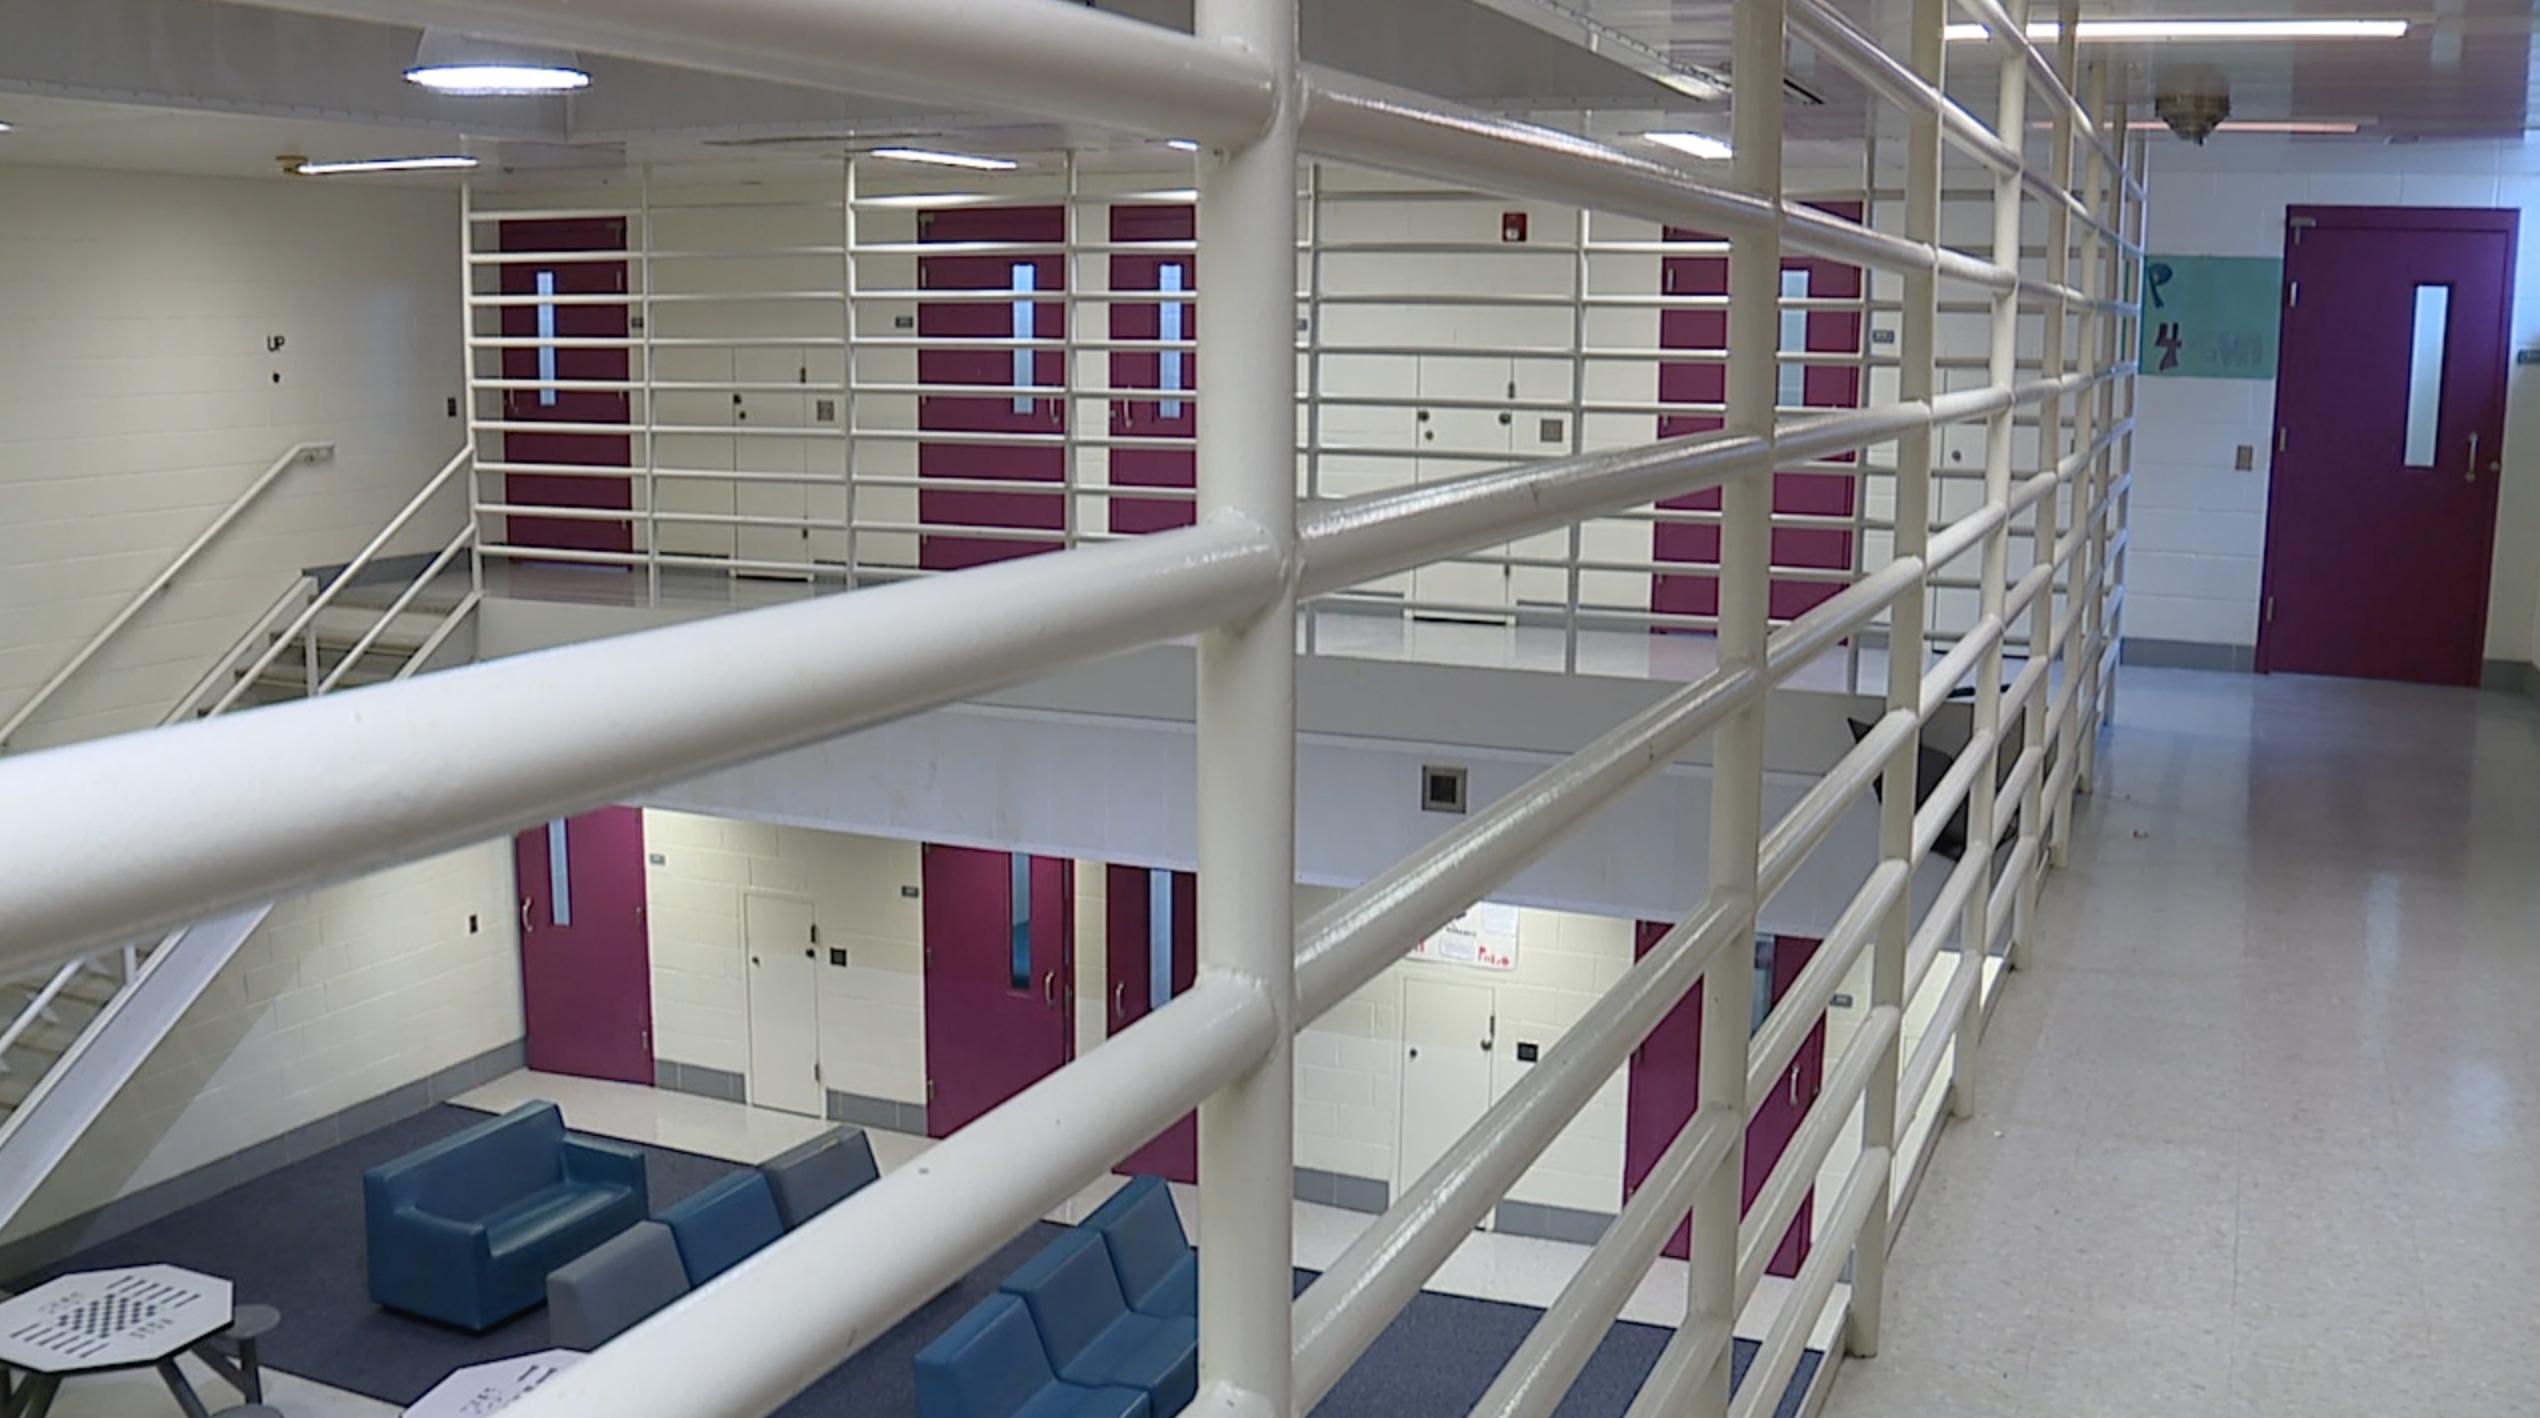 Wayne County juvenile center_15.png